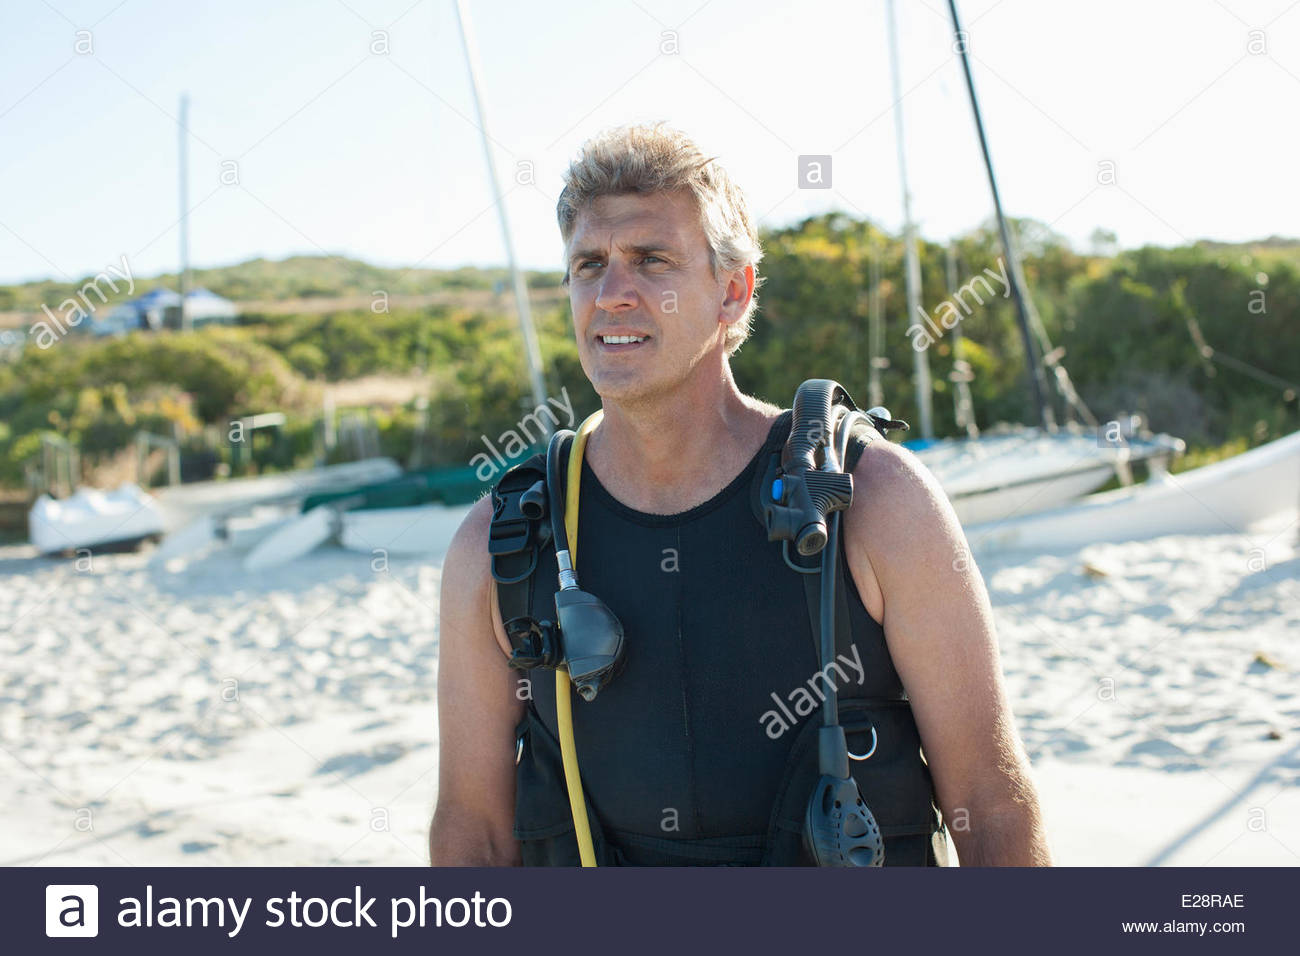 Man in scuba gear - Stock Image